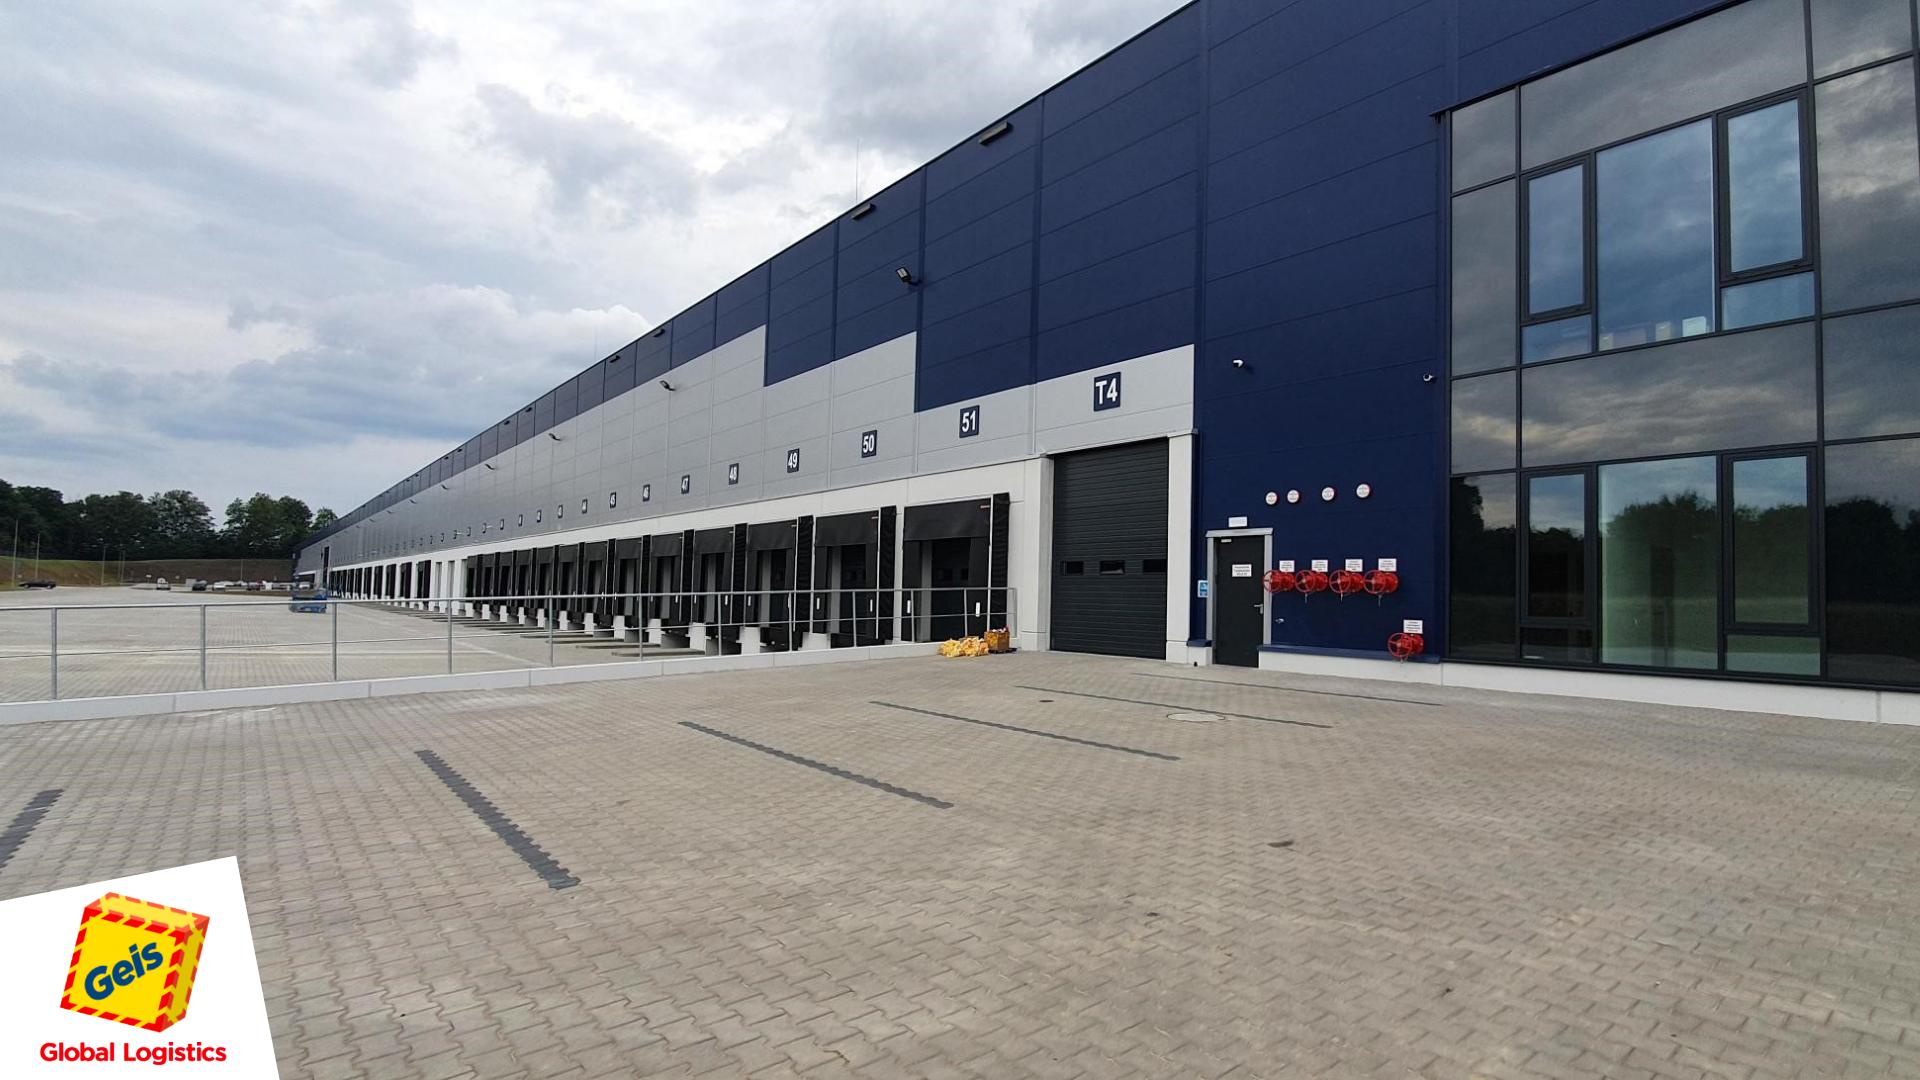 Niemiecka firma logistyczna Geis zainwestowała w Legnicy